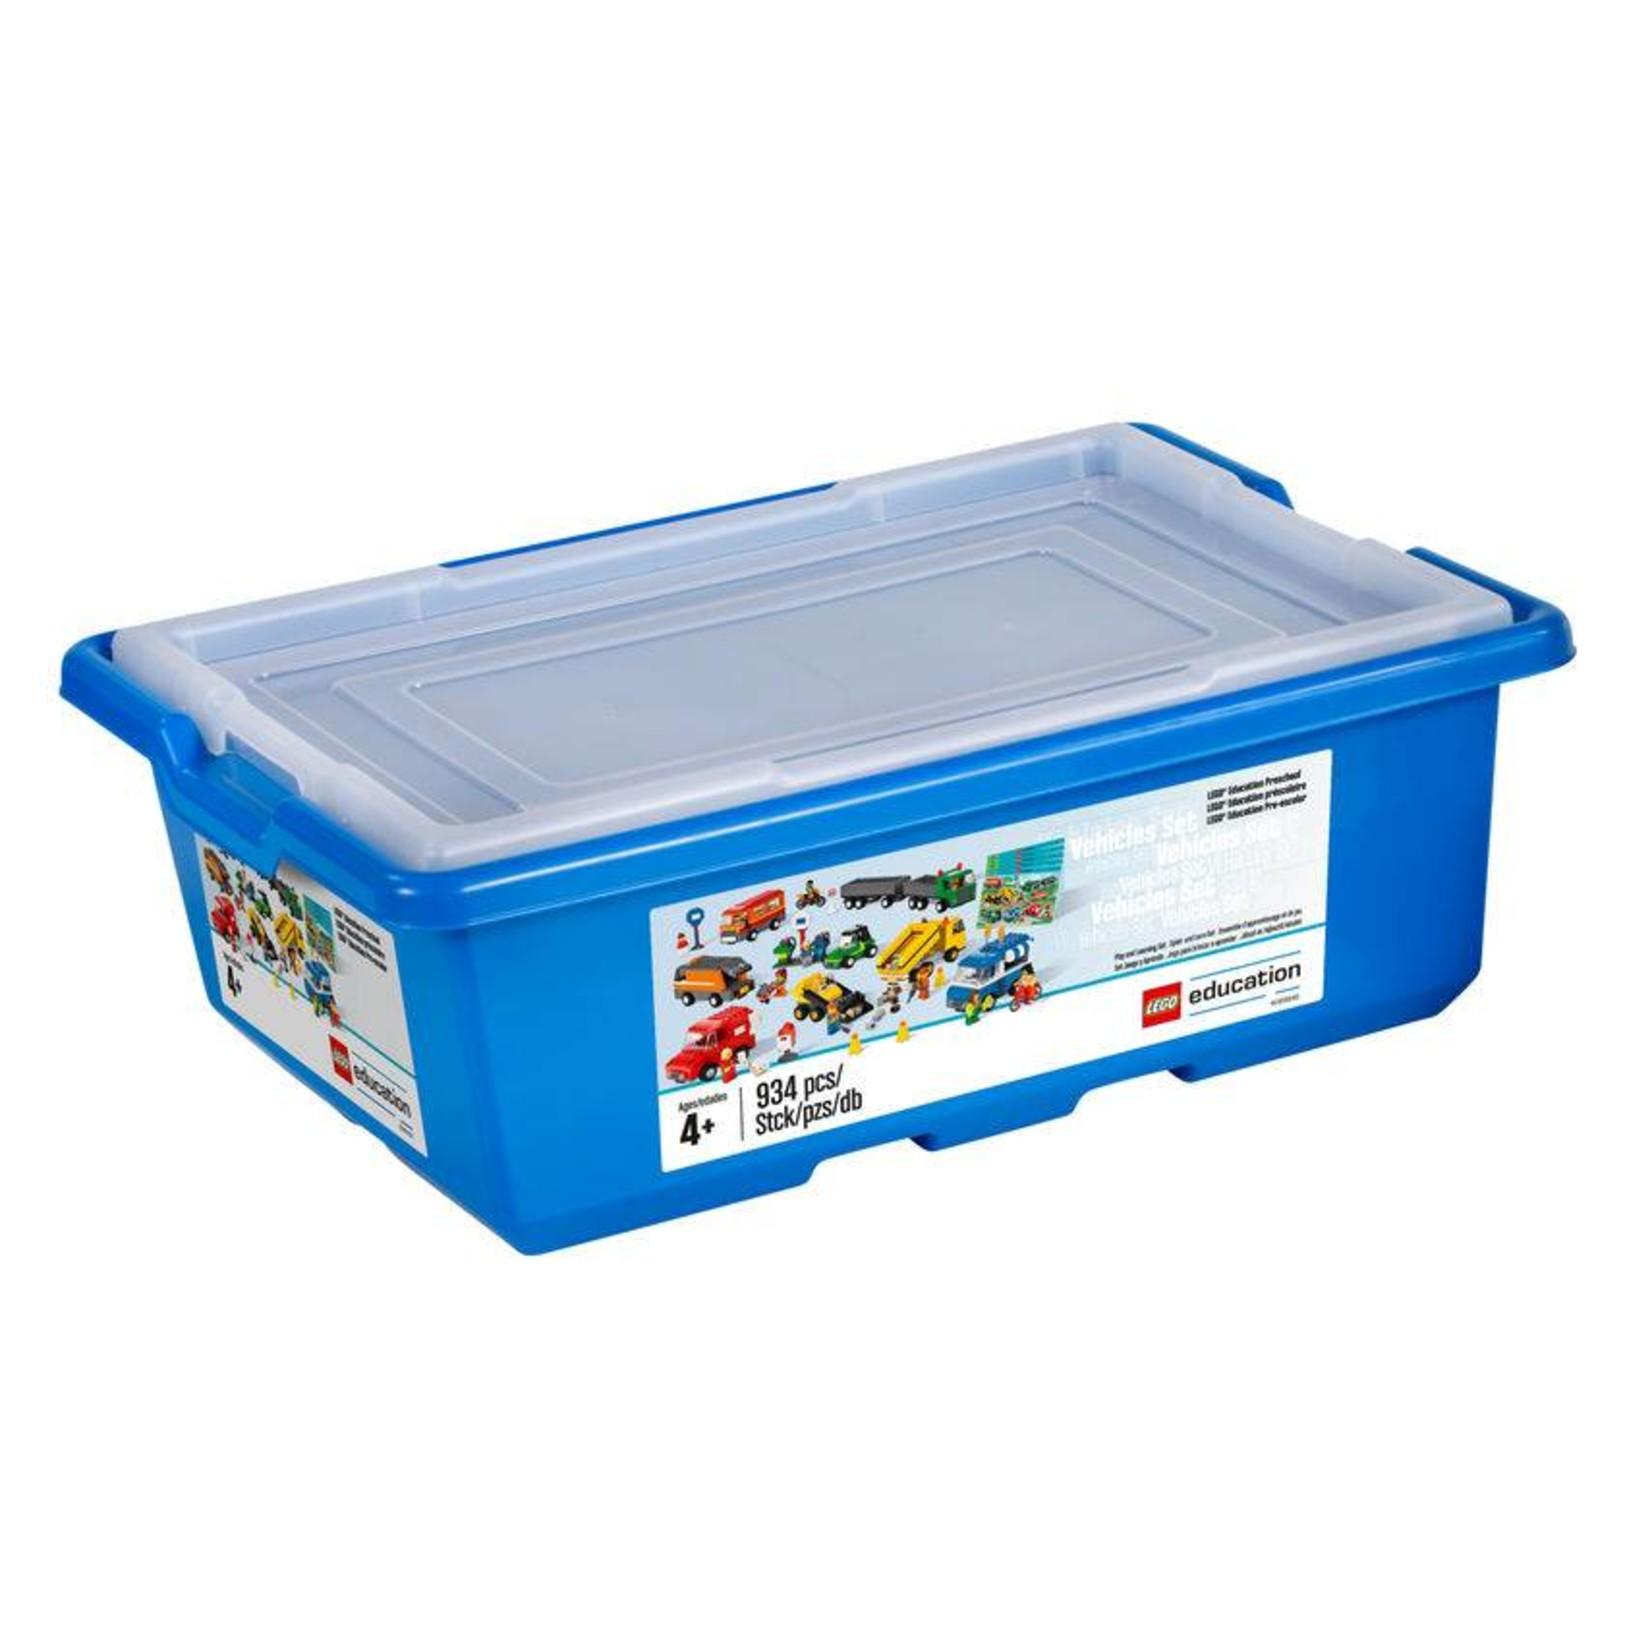 LEGO® Education Vehicles Set